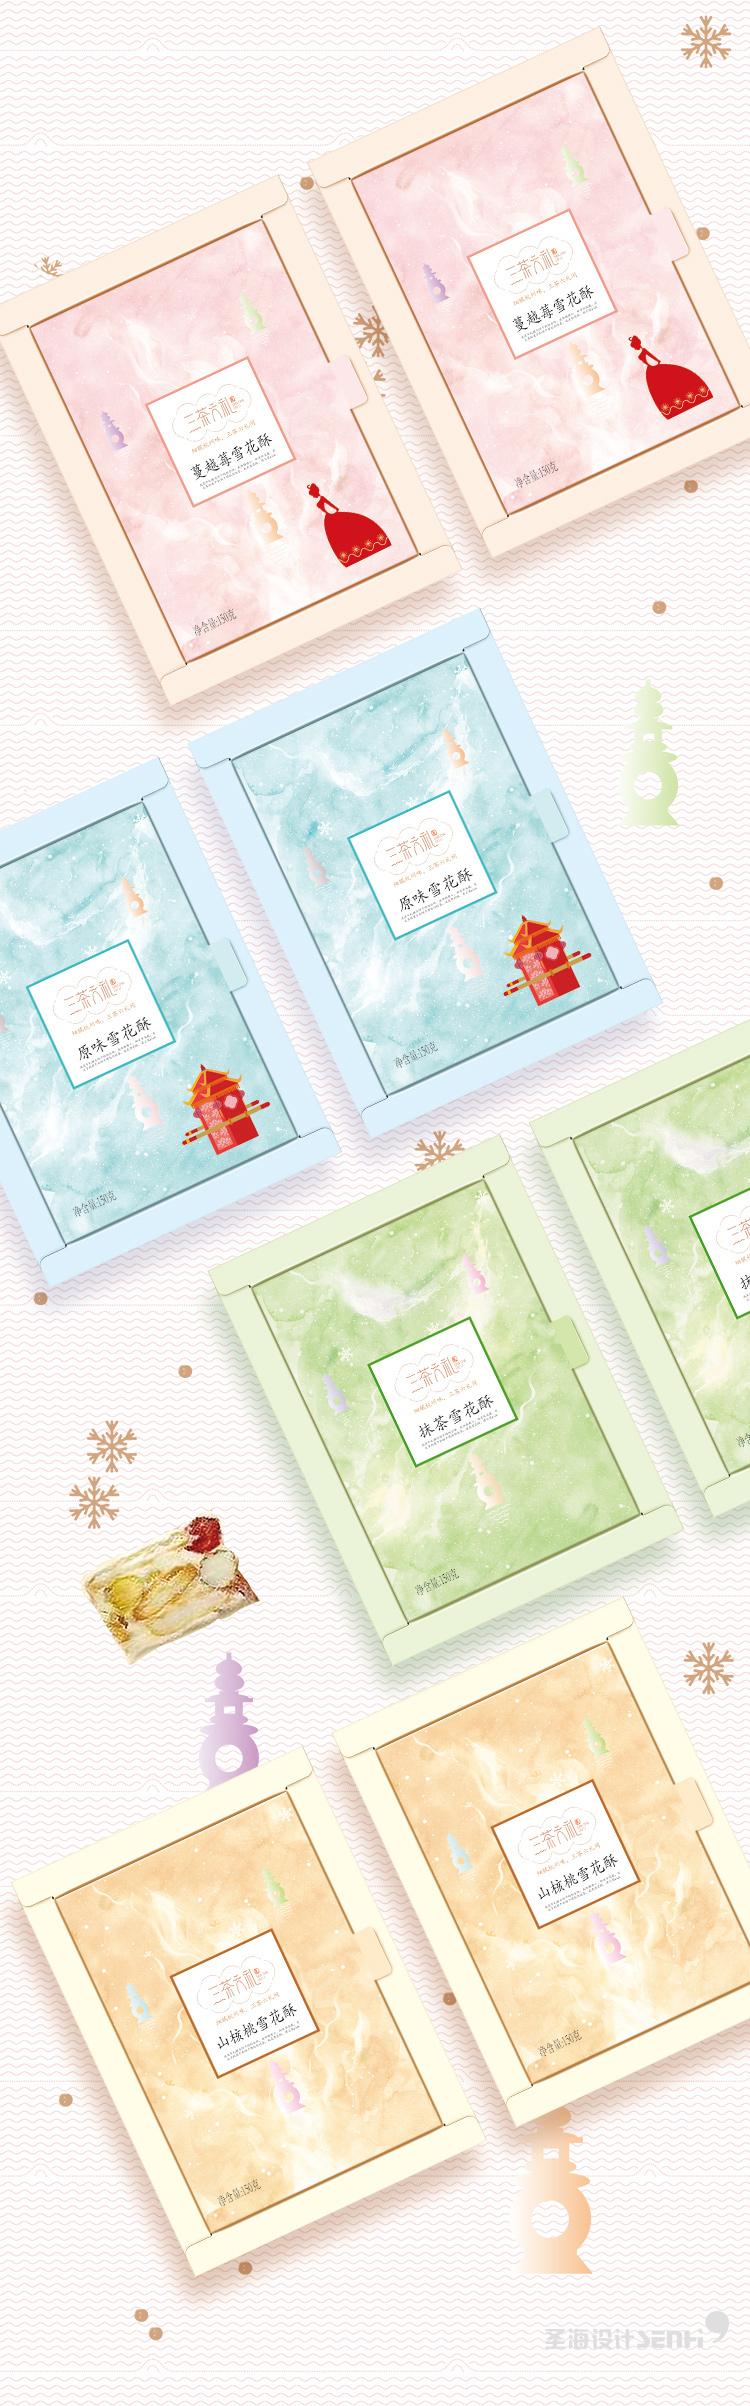 原味雪花酥 蔓越莓雪花酥 抹茶味雪花酥 山核桃雪花酥 杭州品牌 杭州圣海包装艺术设计 包装设计 杭州包装设计